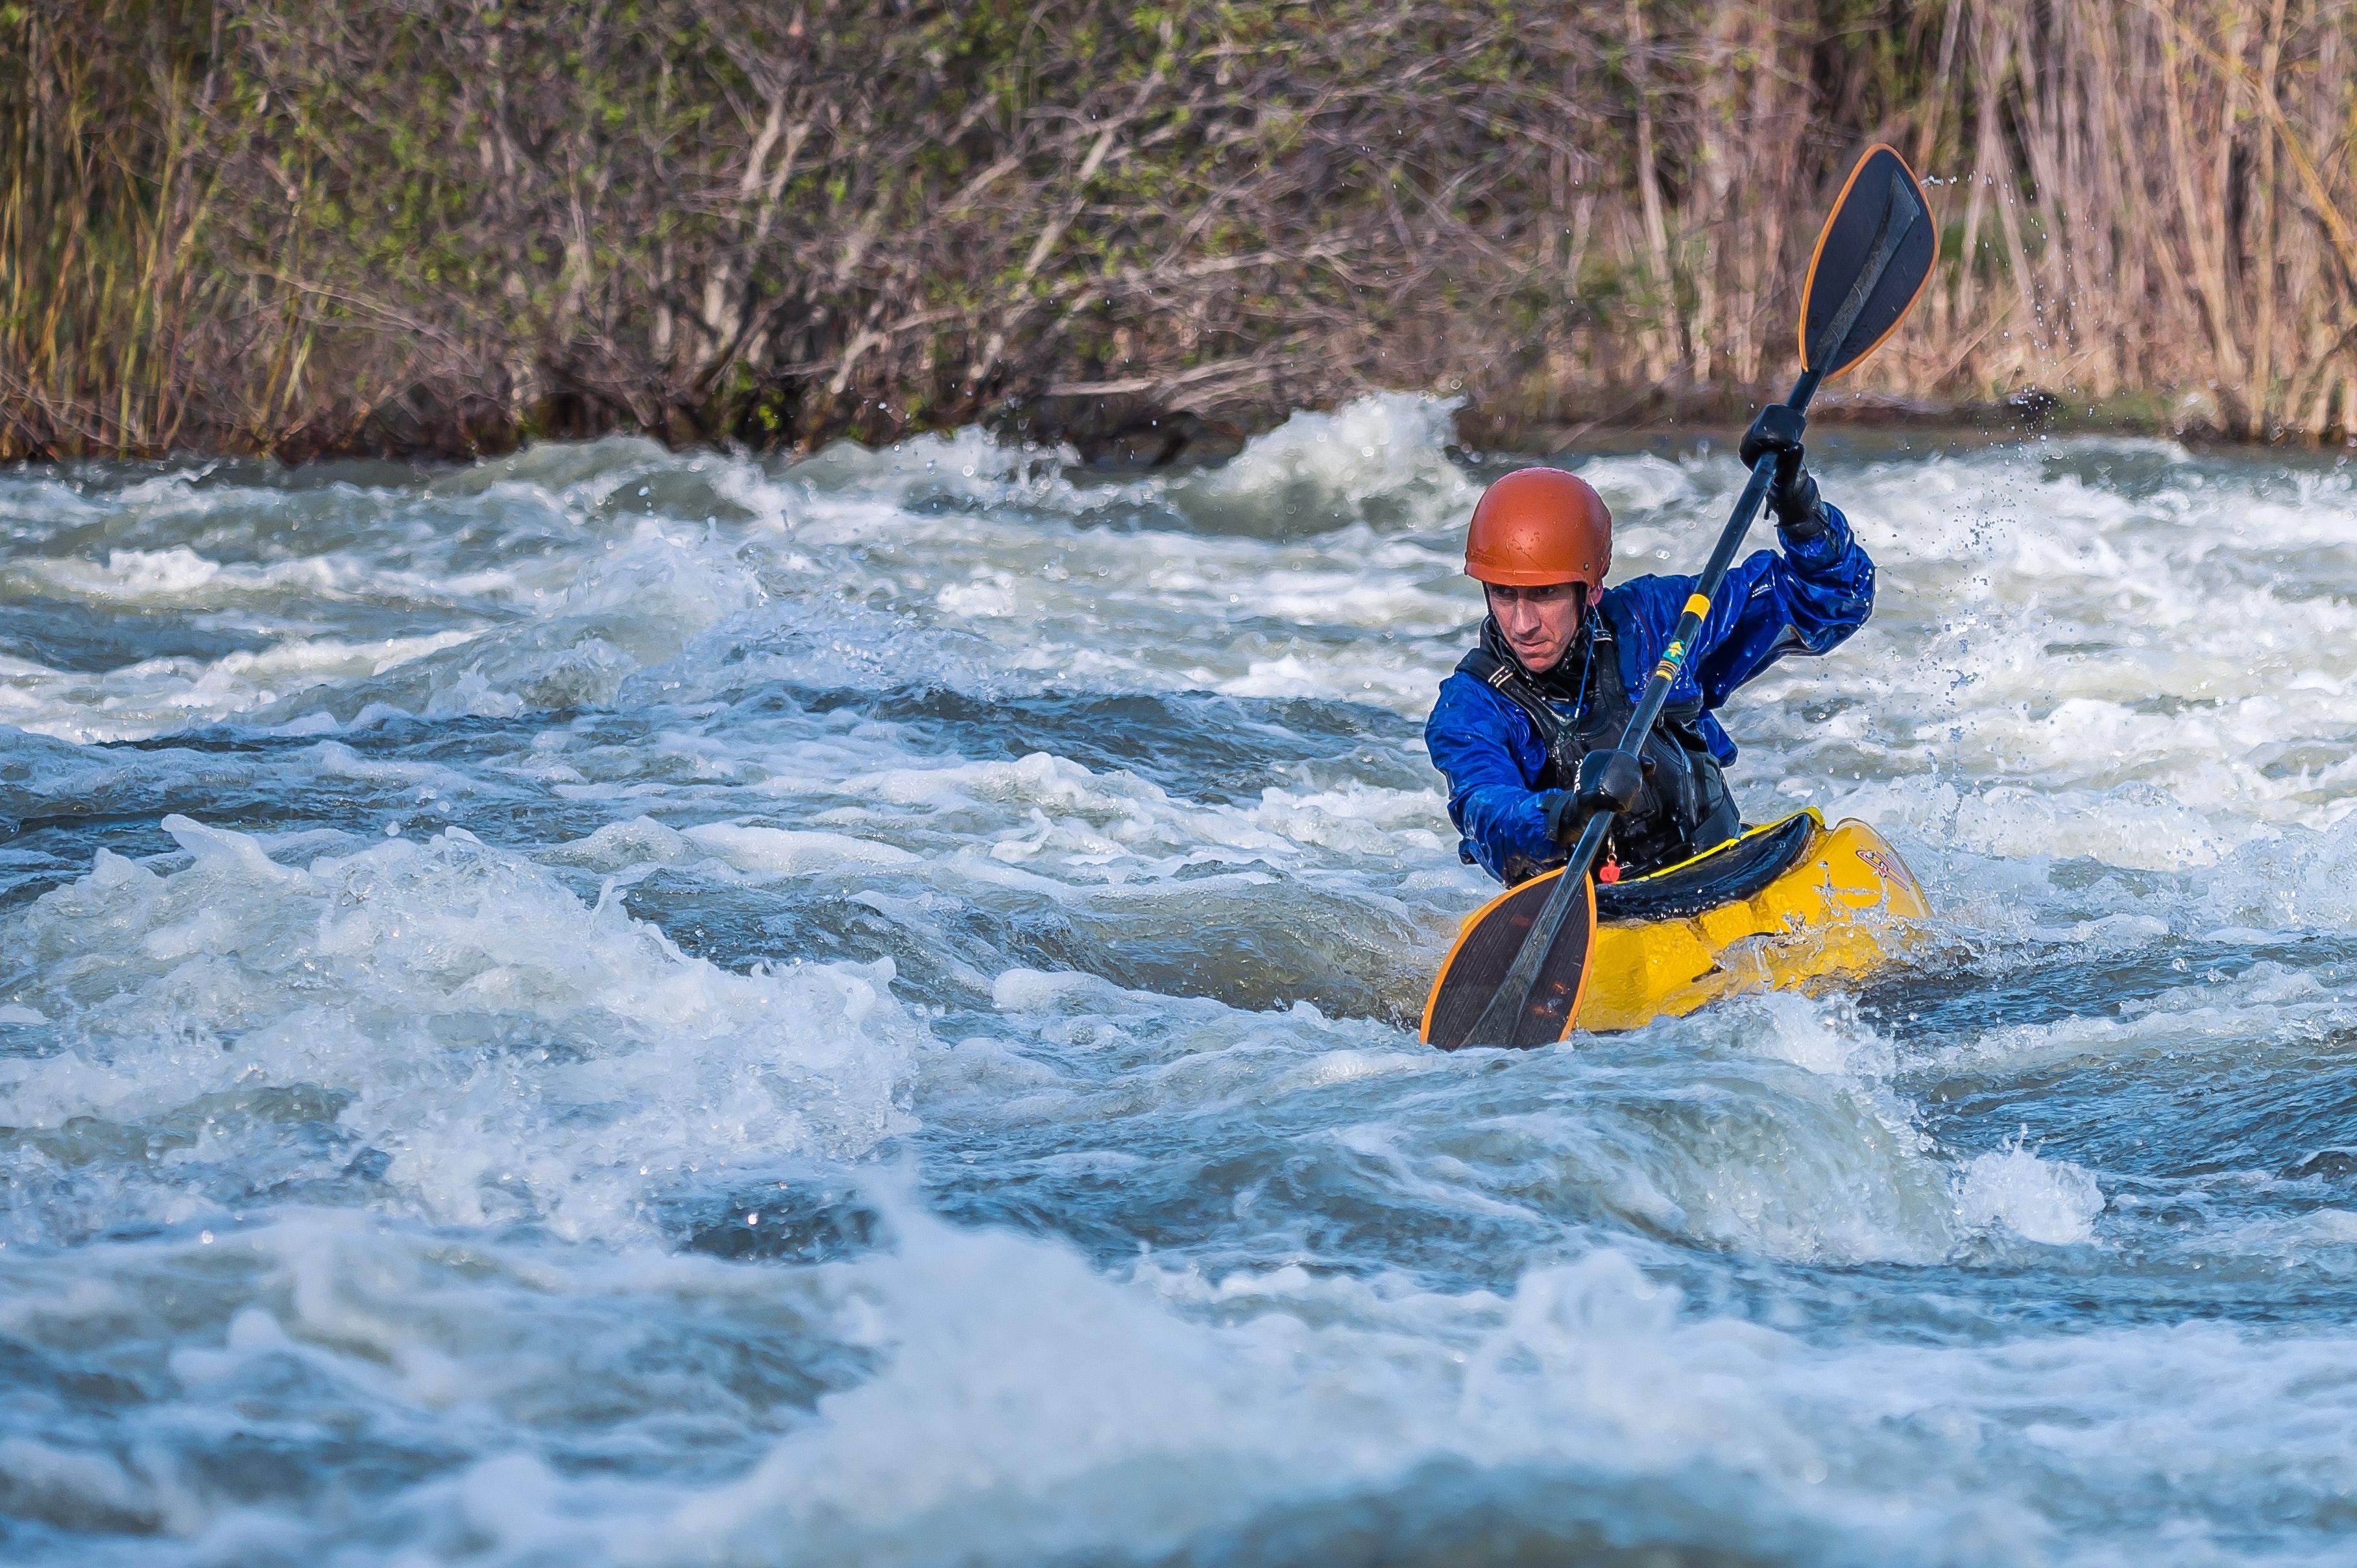 Photo of Man Paddling Kayak in Raging River · Free Stock Photo